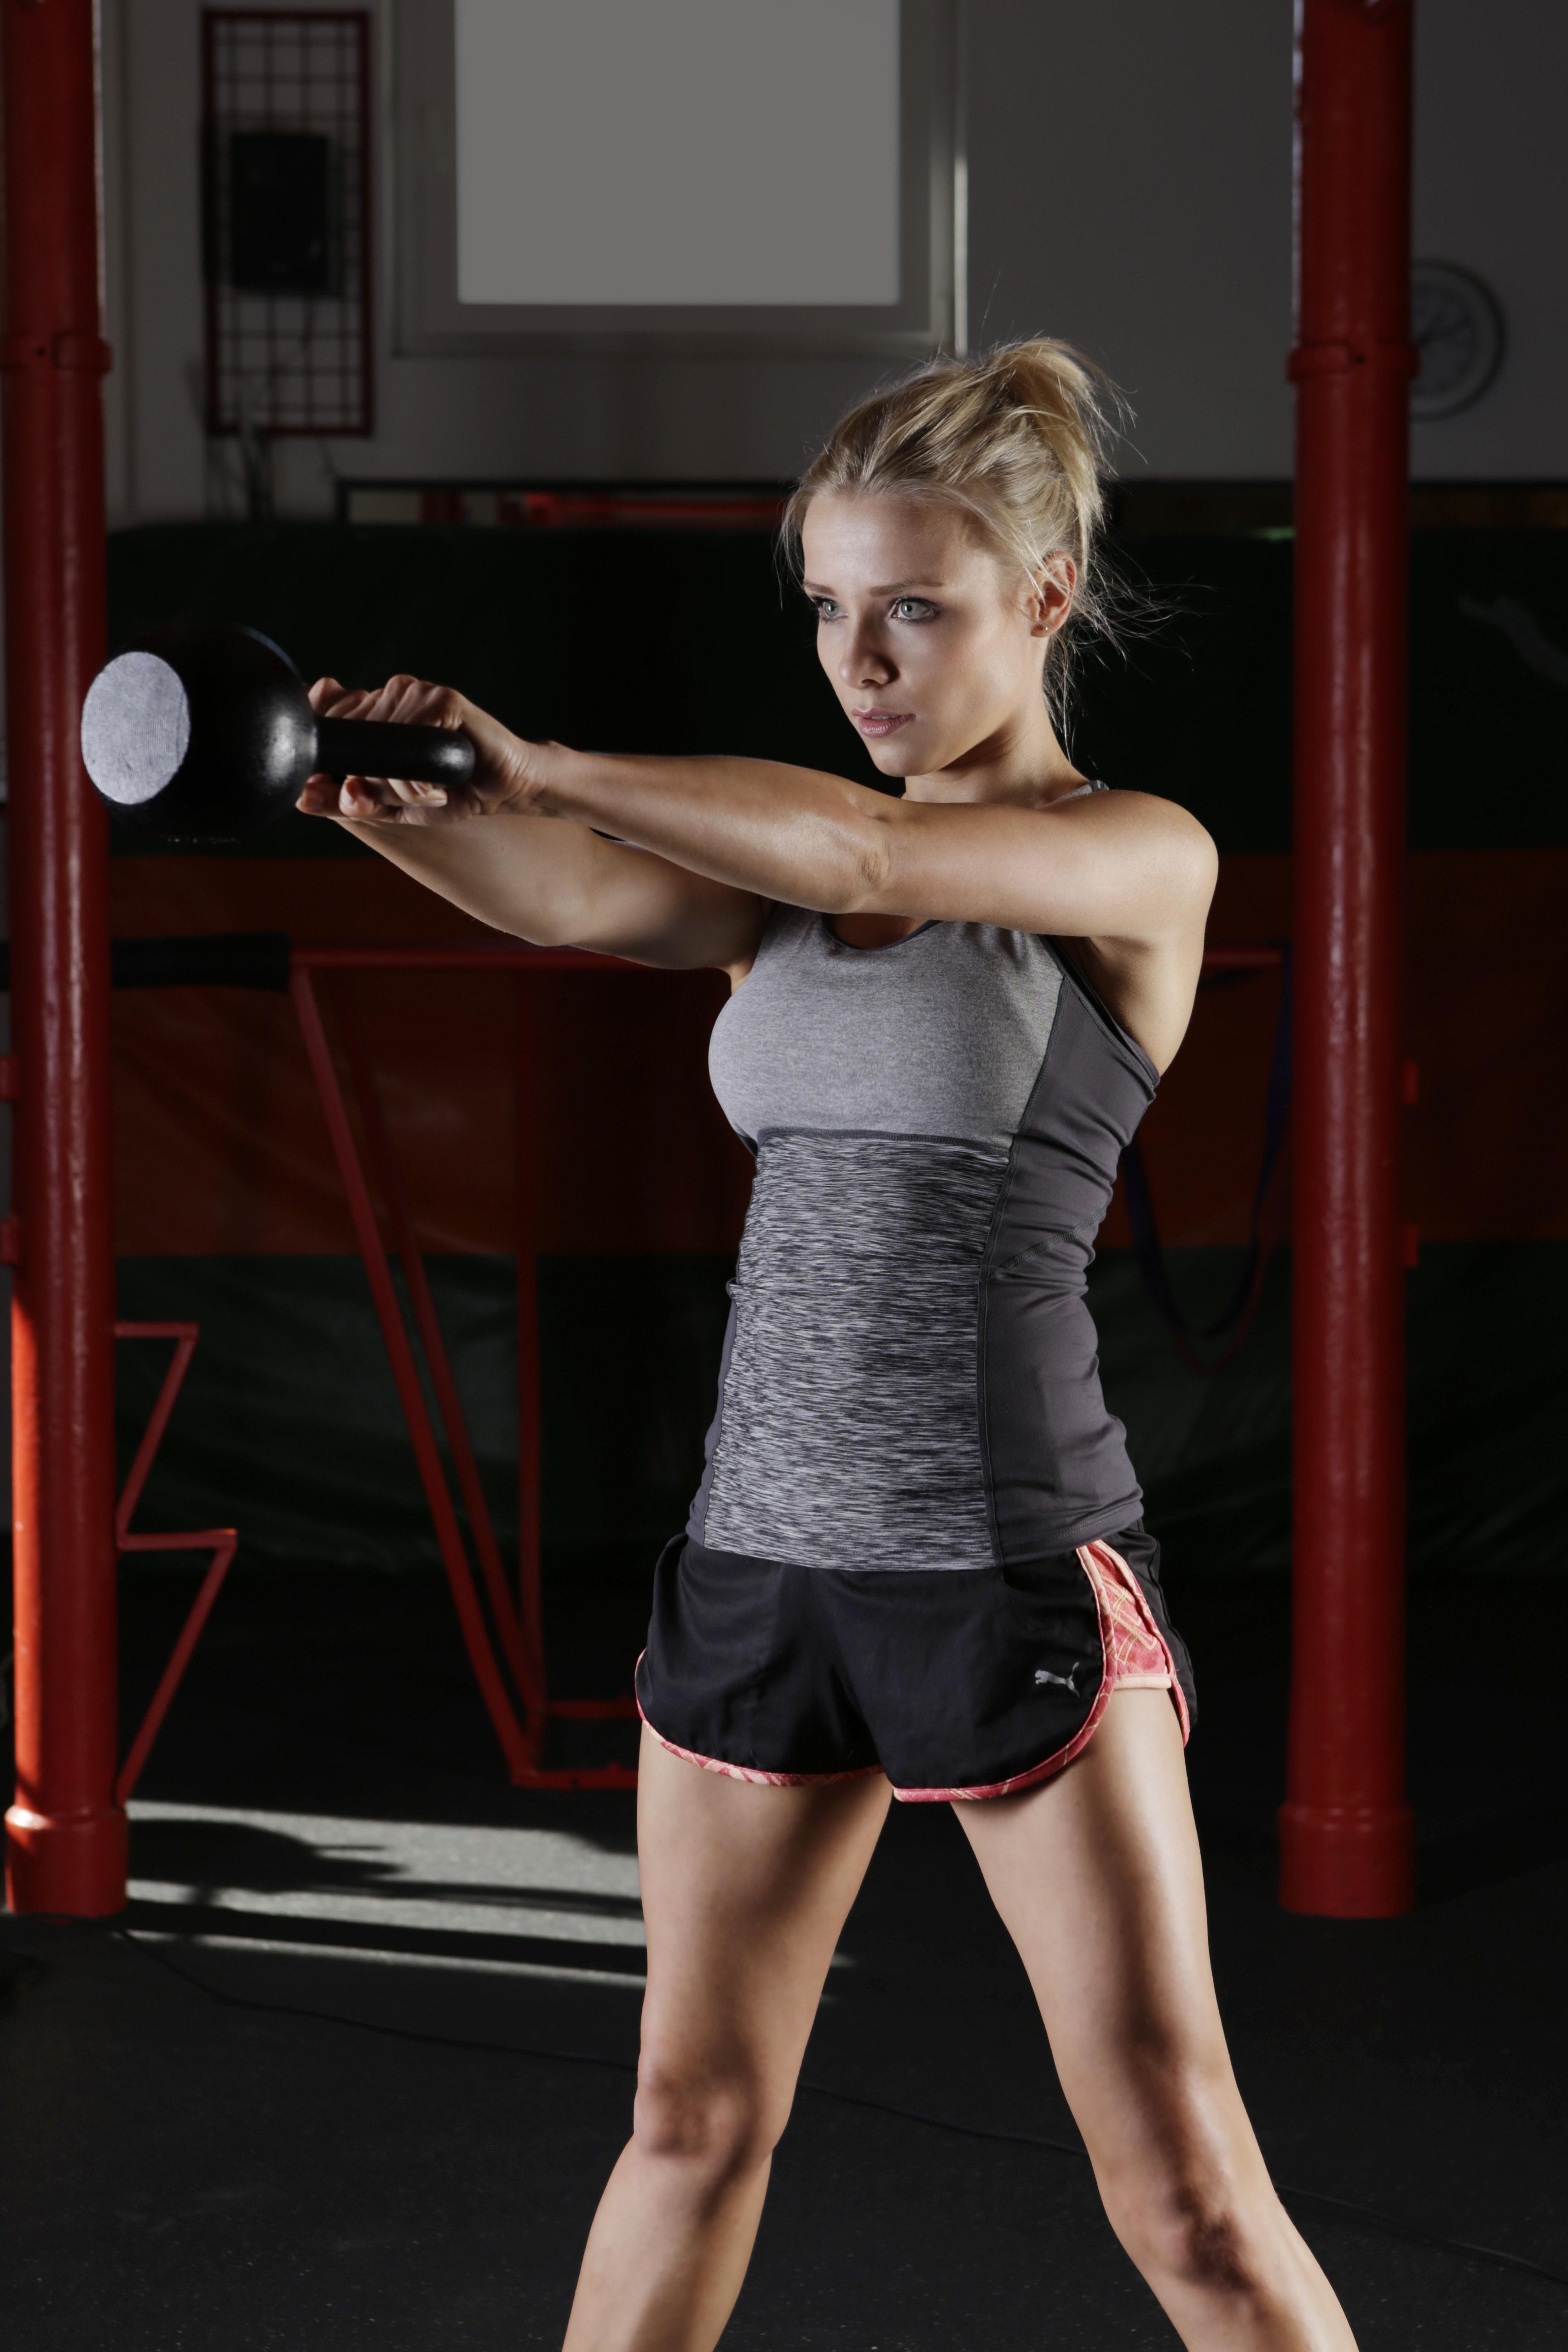 Pratiquer la bonne activité physique à la bonne heure pour bien maigrir !